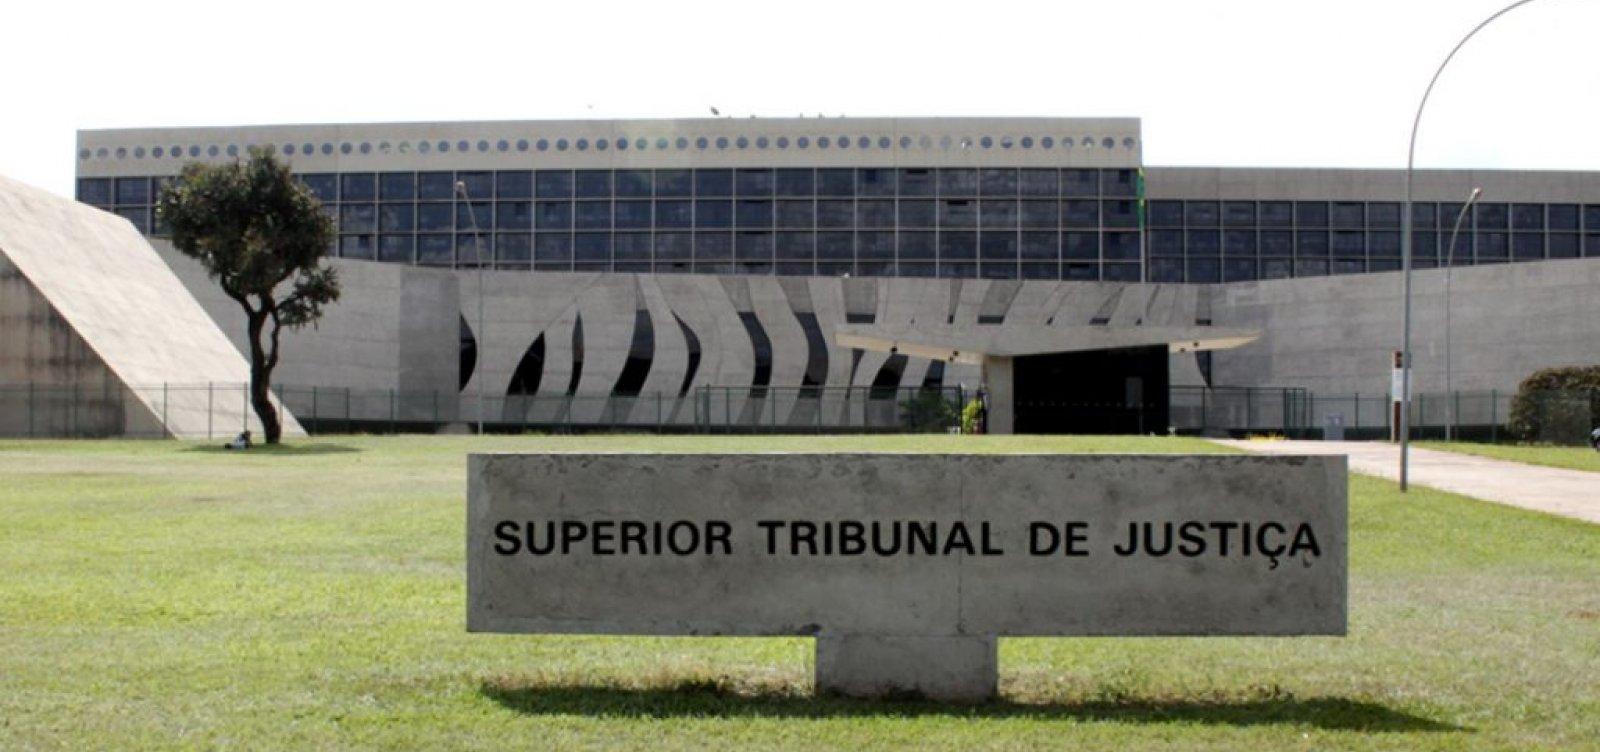 STJ nega habeas corpus para advogado preso em Operação Faroeste